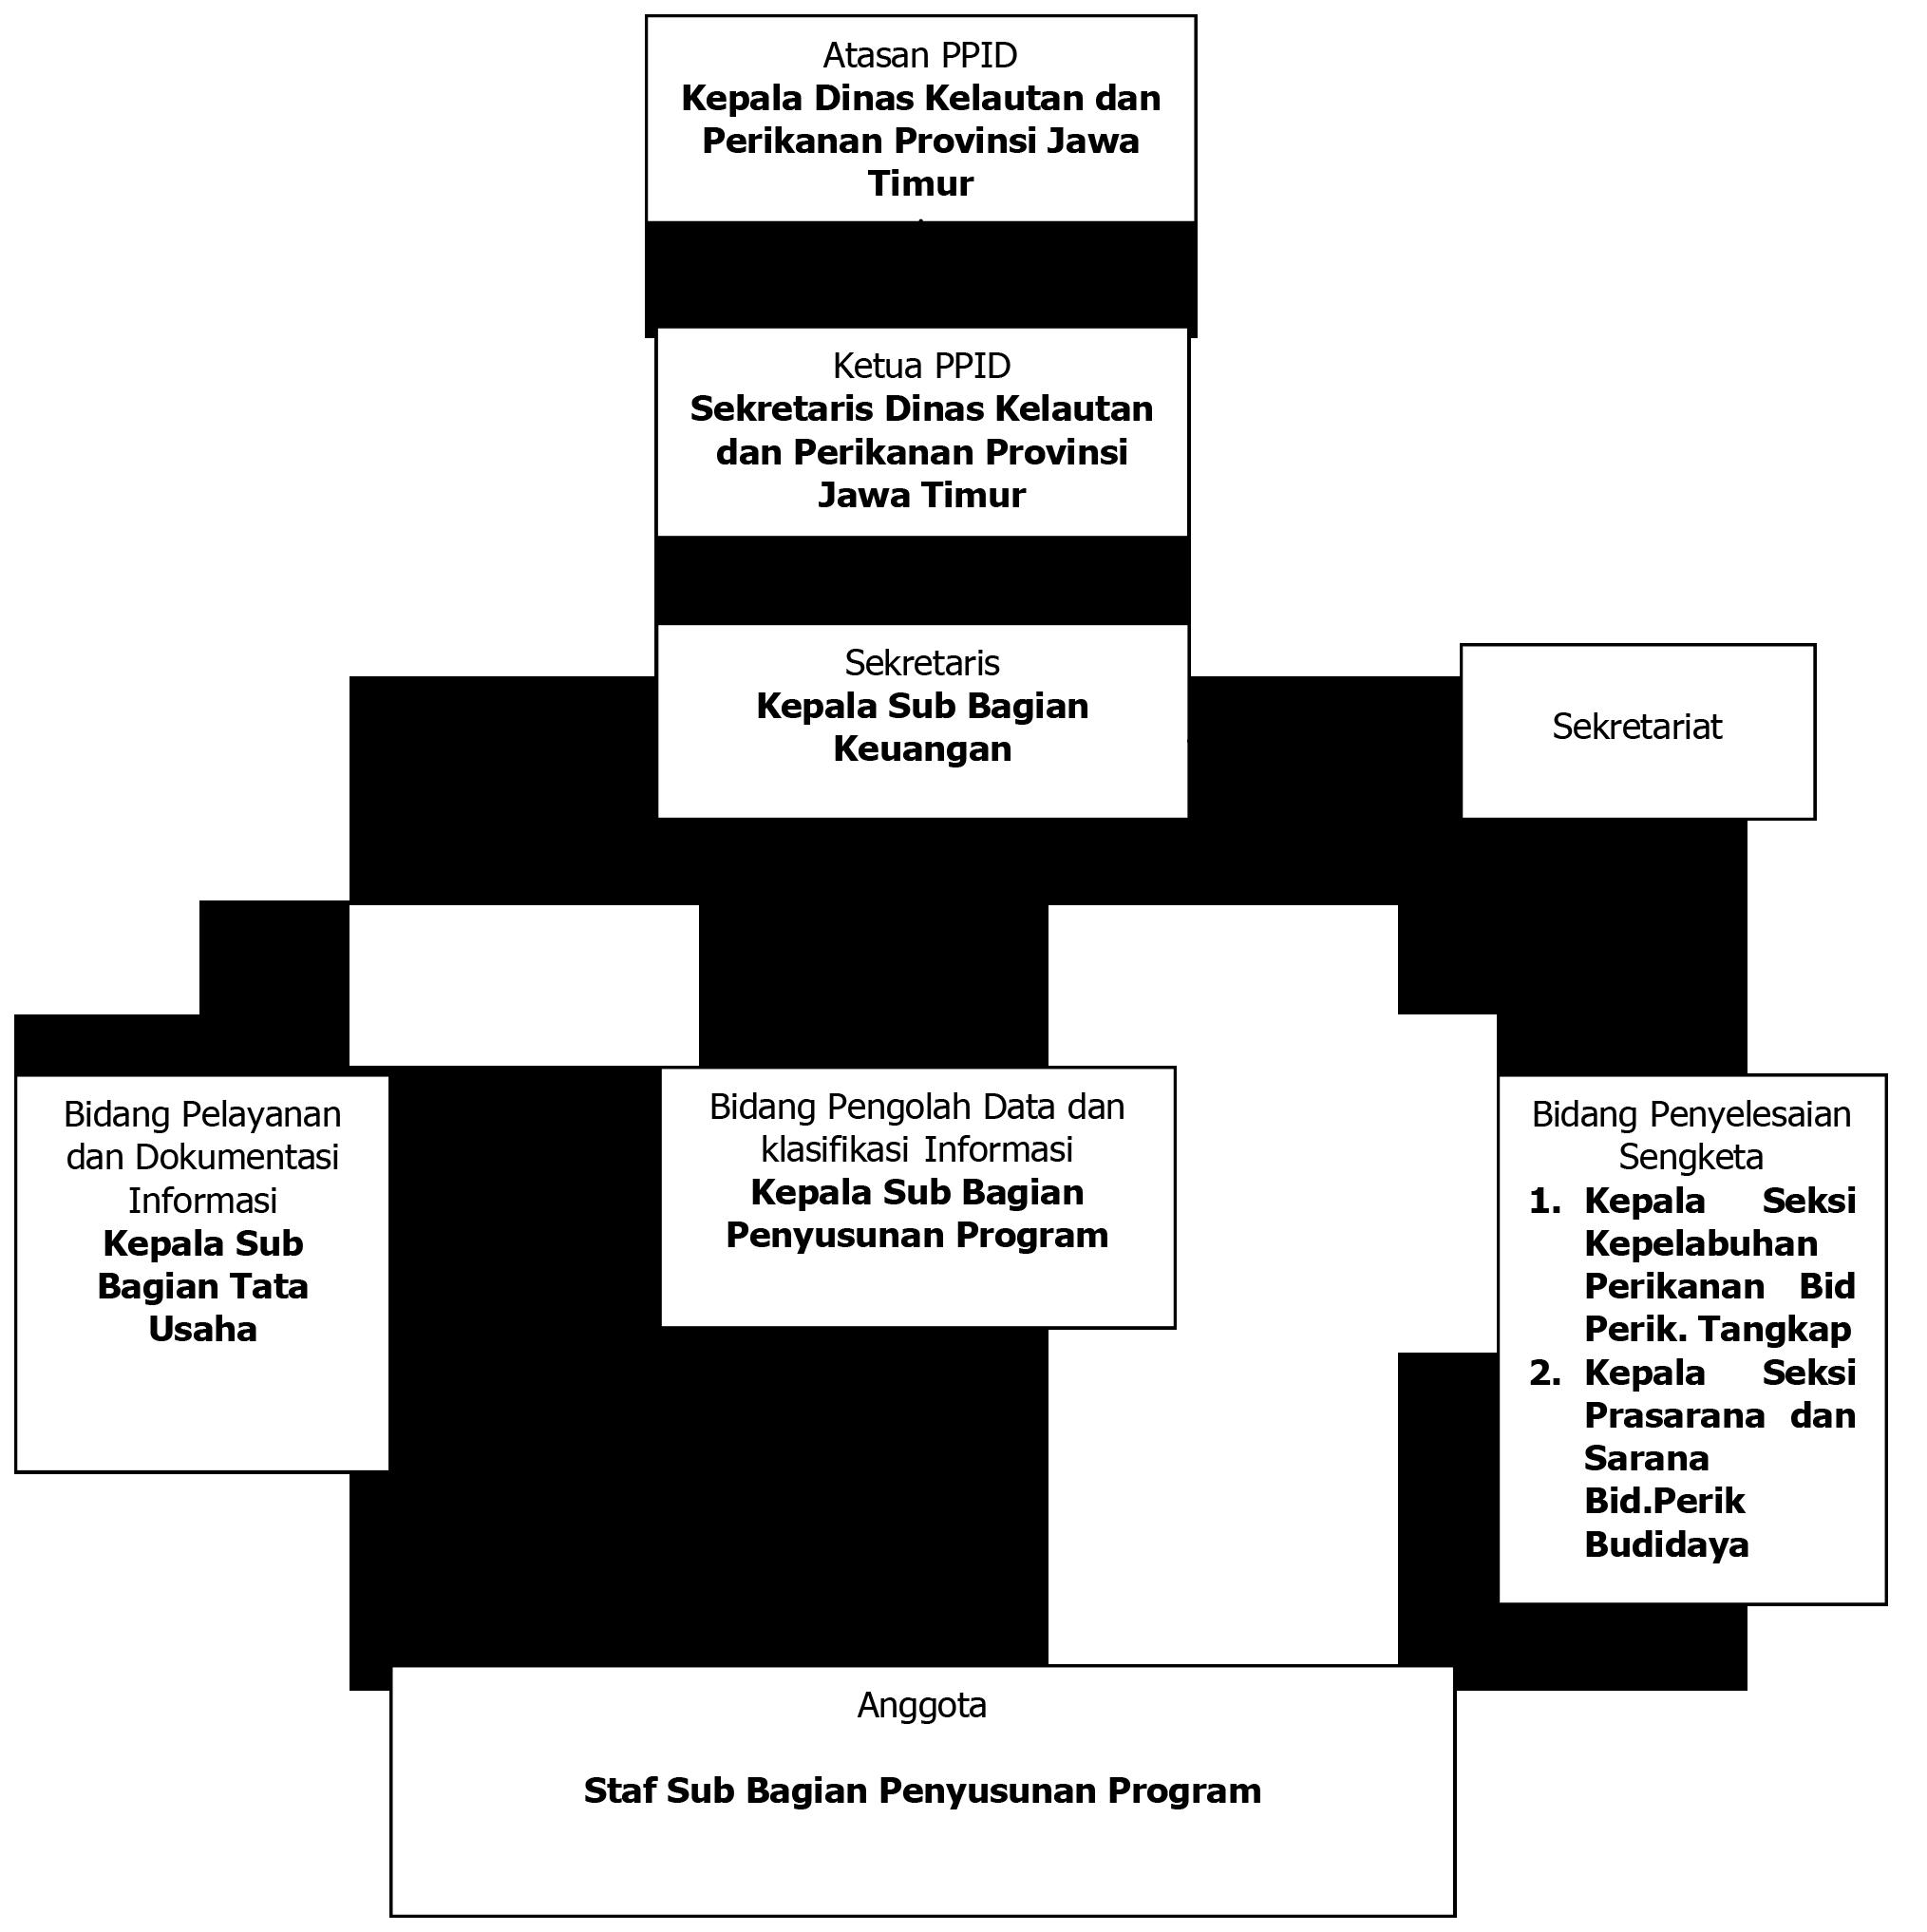 Bagan Struktur Organisasi PPID